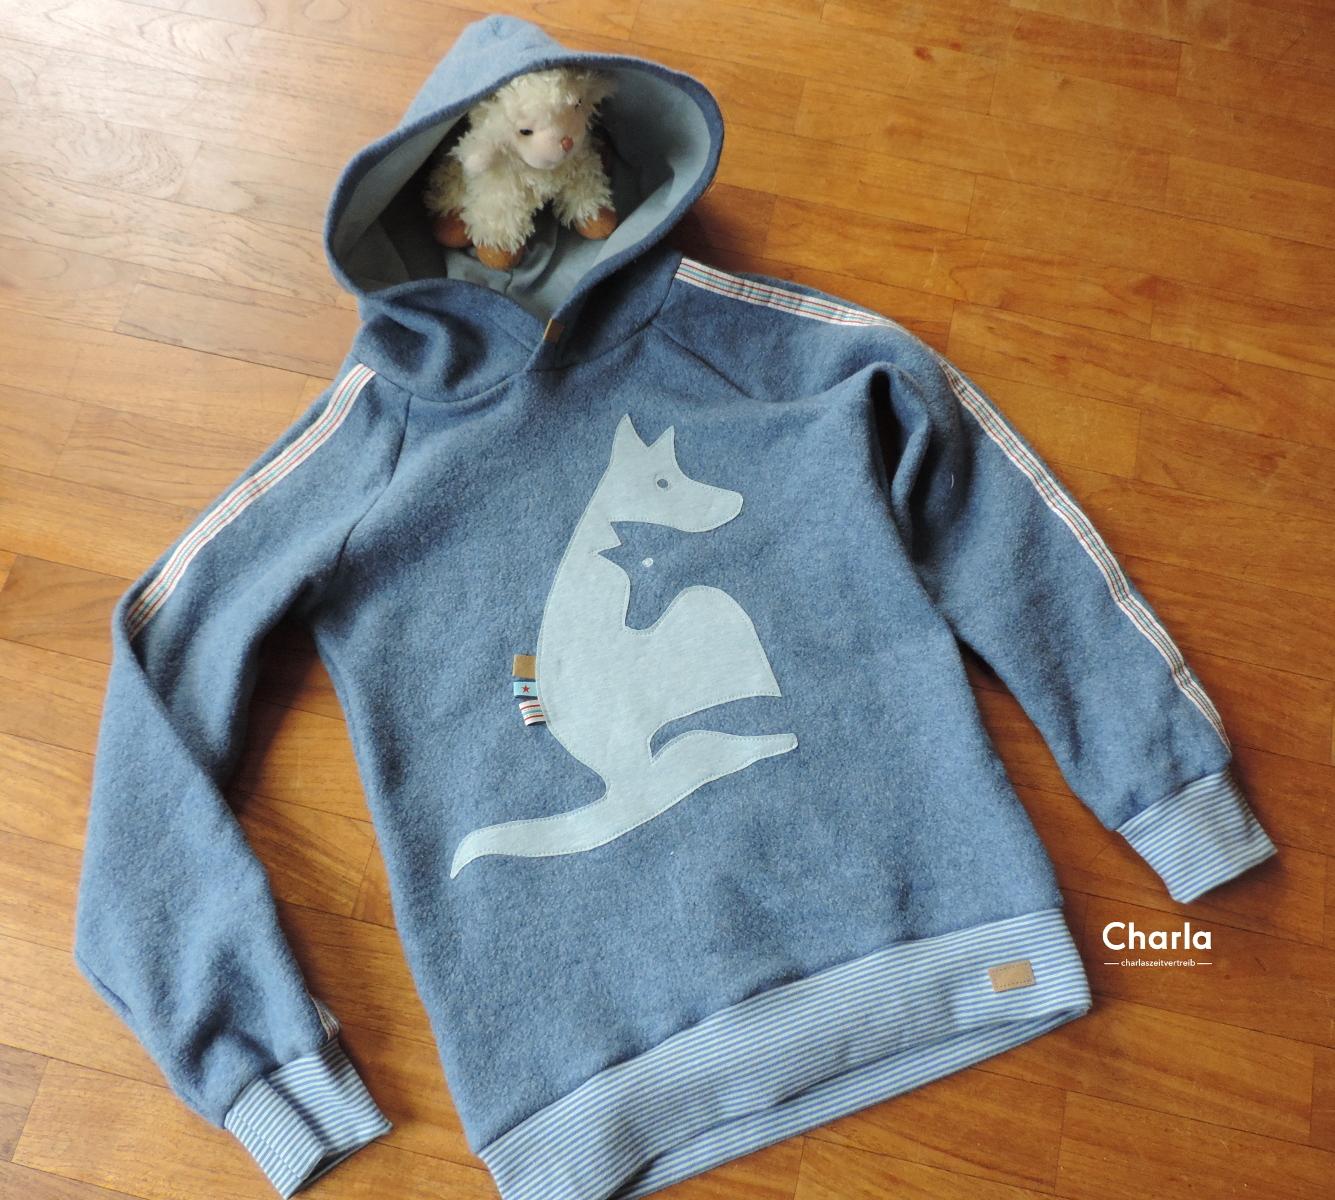 Shädow Love Änimals: Schäferhund oder Wolf? | Charla